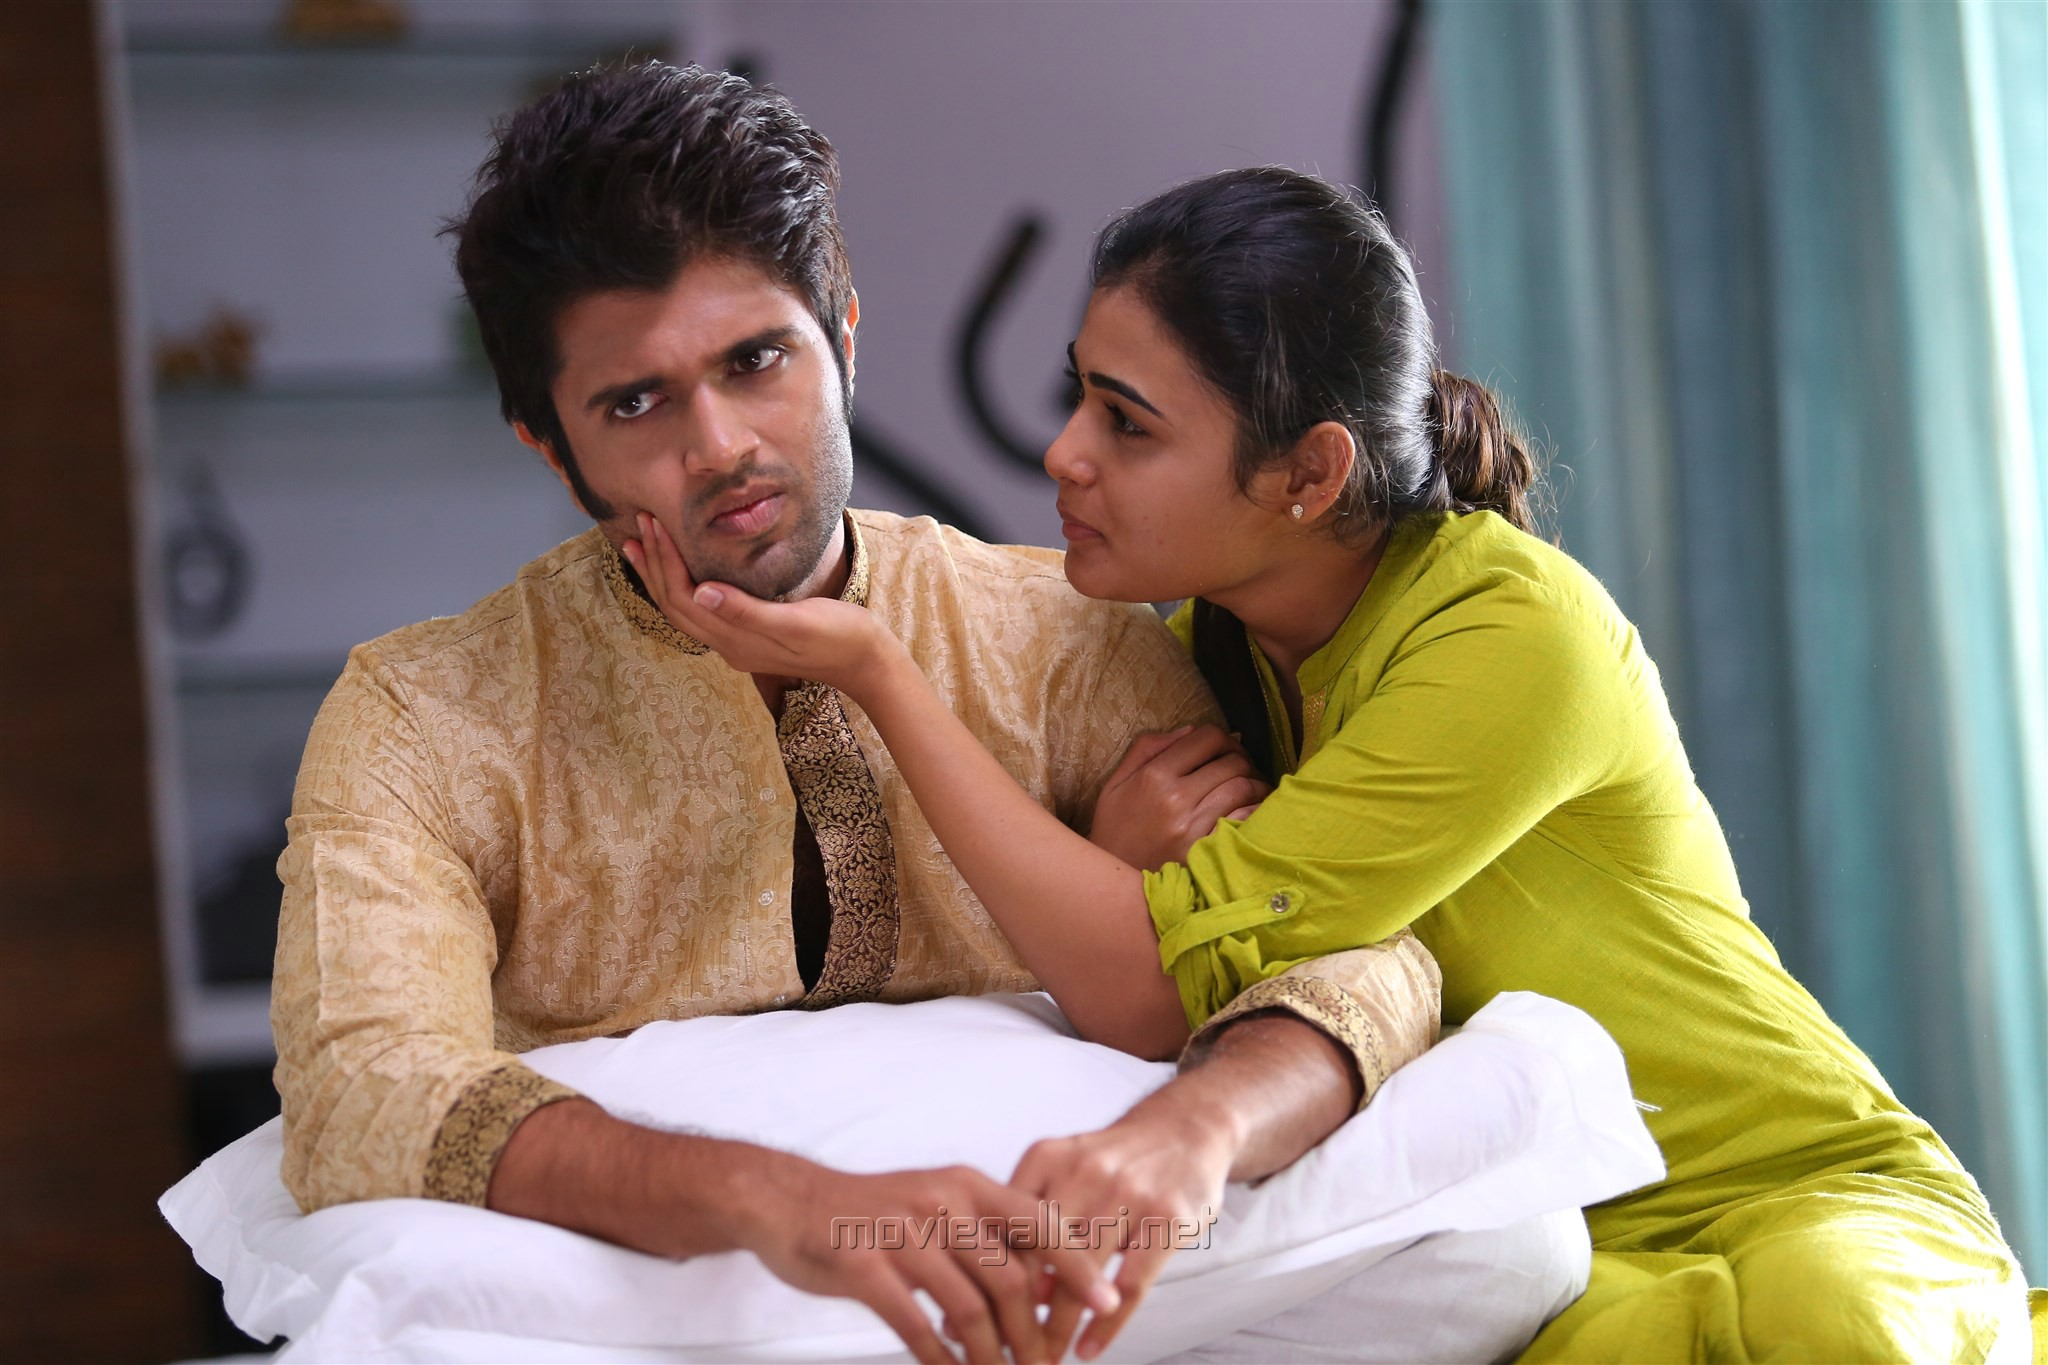 Tamil Movie Romantic Dialogue - Alaipayuthey - Blogger